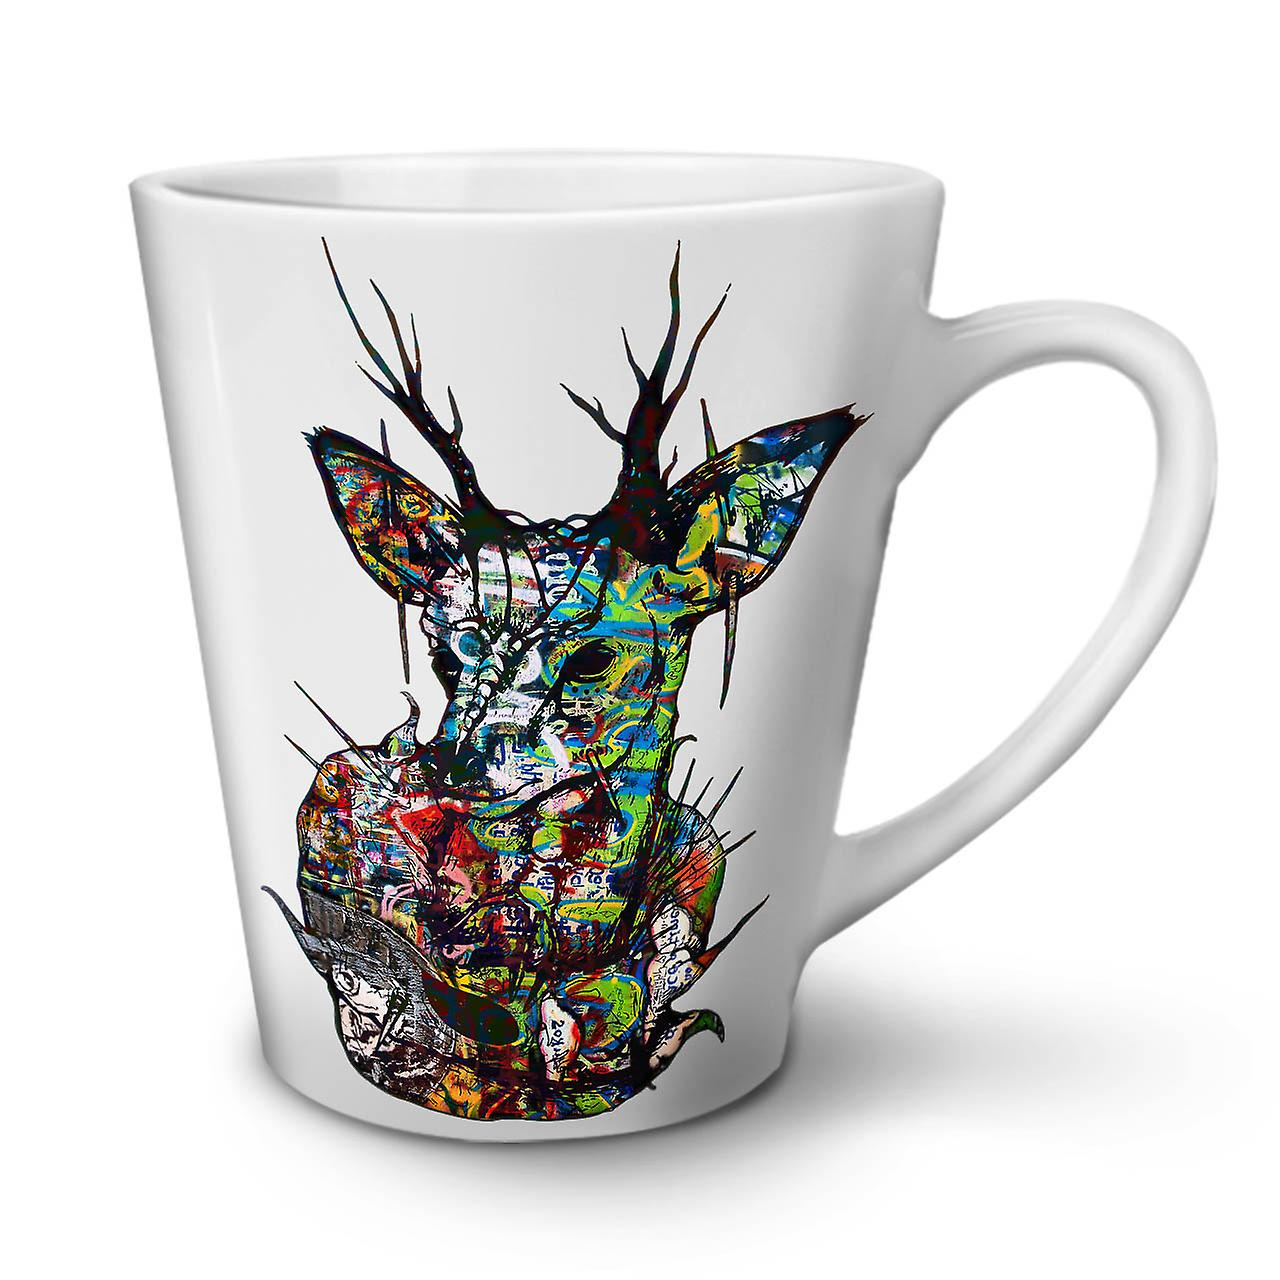 Nature Céramique Blanche En Nouvelle Psychédélique OzWellcoda Café Latte Tasse 12 vNw8n0mO